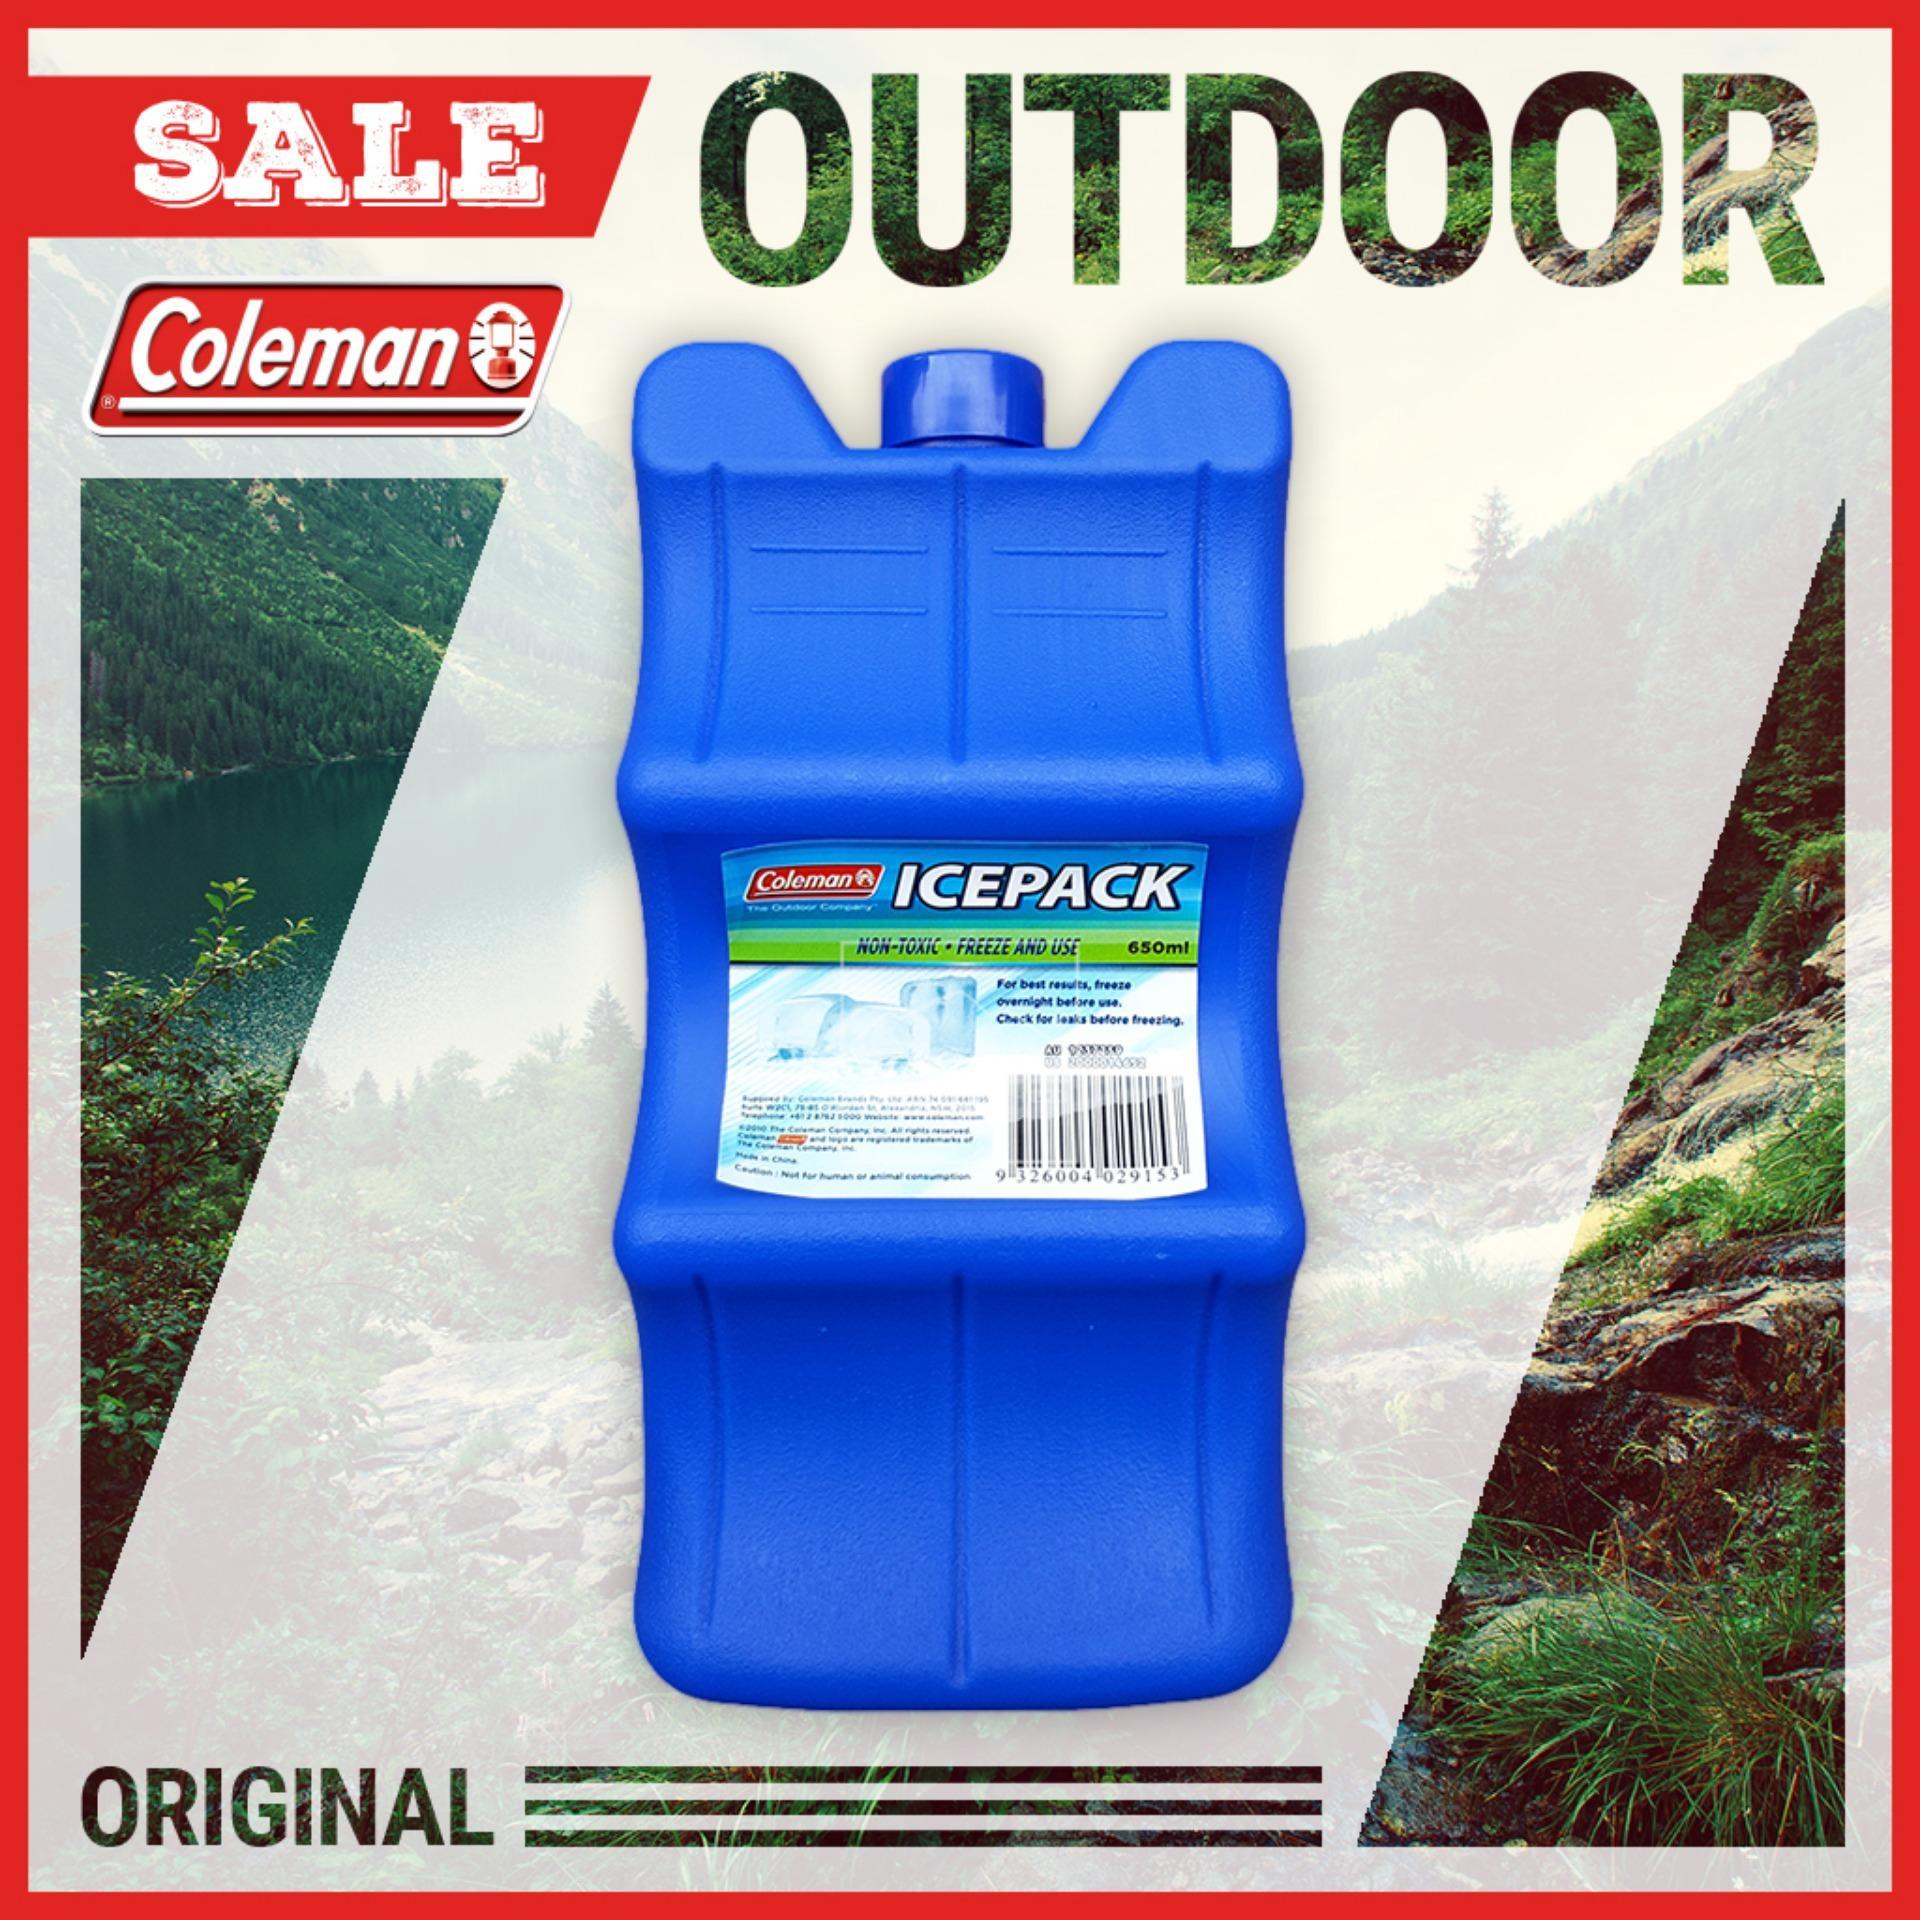 Ôn Tập Tui Nhựa Lam Lạnh Coleman 1237259 6 Lon 650Ml6 Pack Ice Brick Hang Phan Phối Chinh Thức